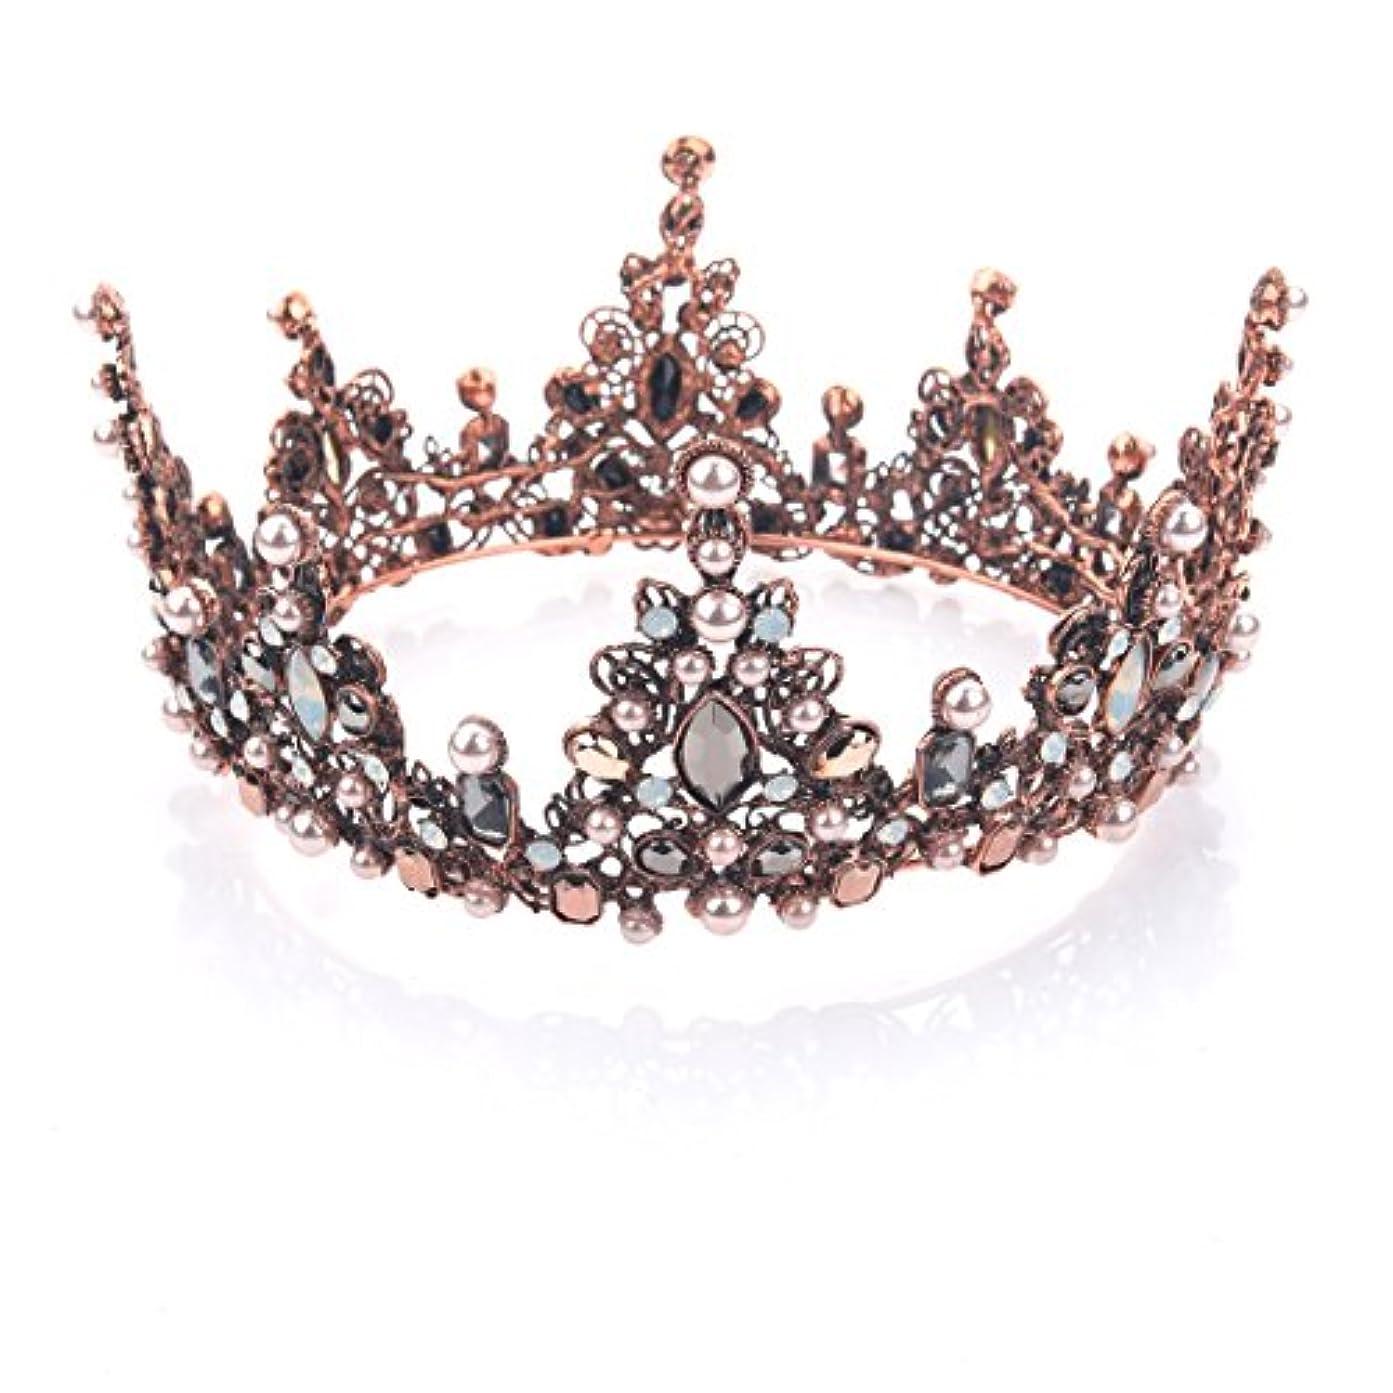 天文学ホバートたらいYeanティアラ 王冠 おうかん クラウン ヘアアクセサリー ゴールド レディース ガールズ 女性 プリンセス 結婚式 ウェディング 花嫁 披露宴 パーティー (Color-04)